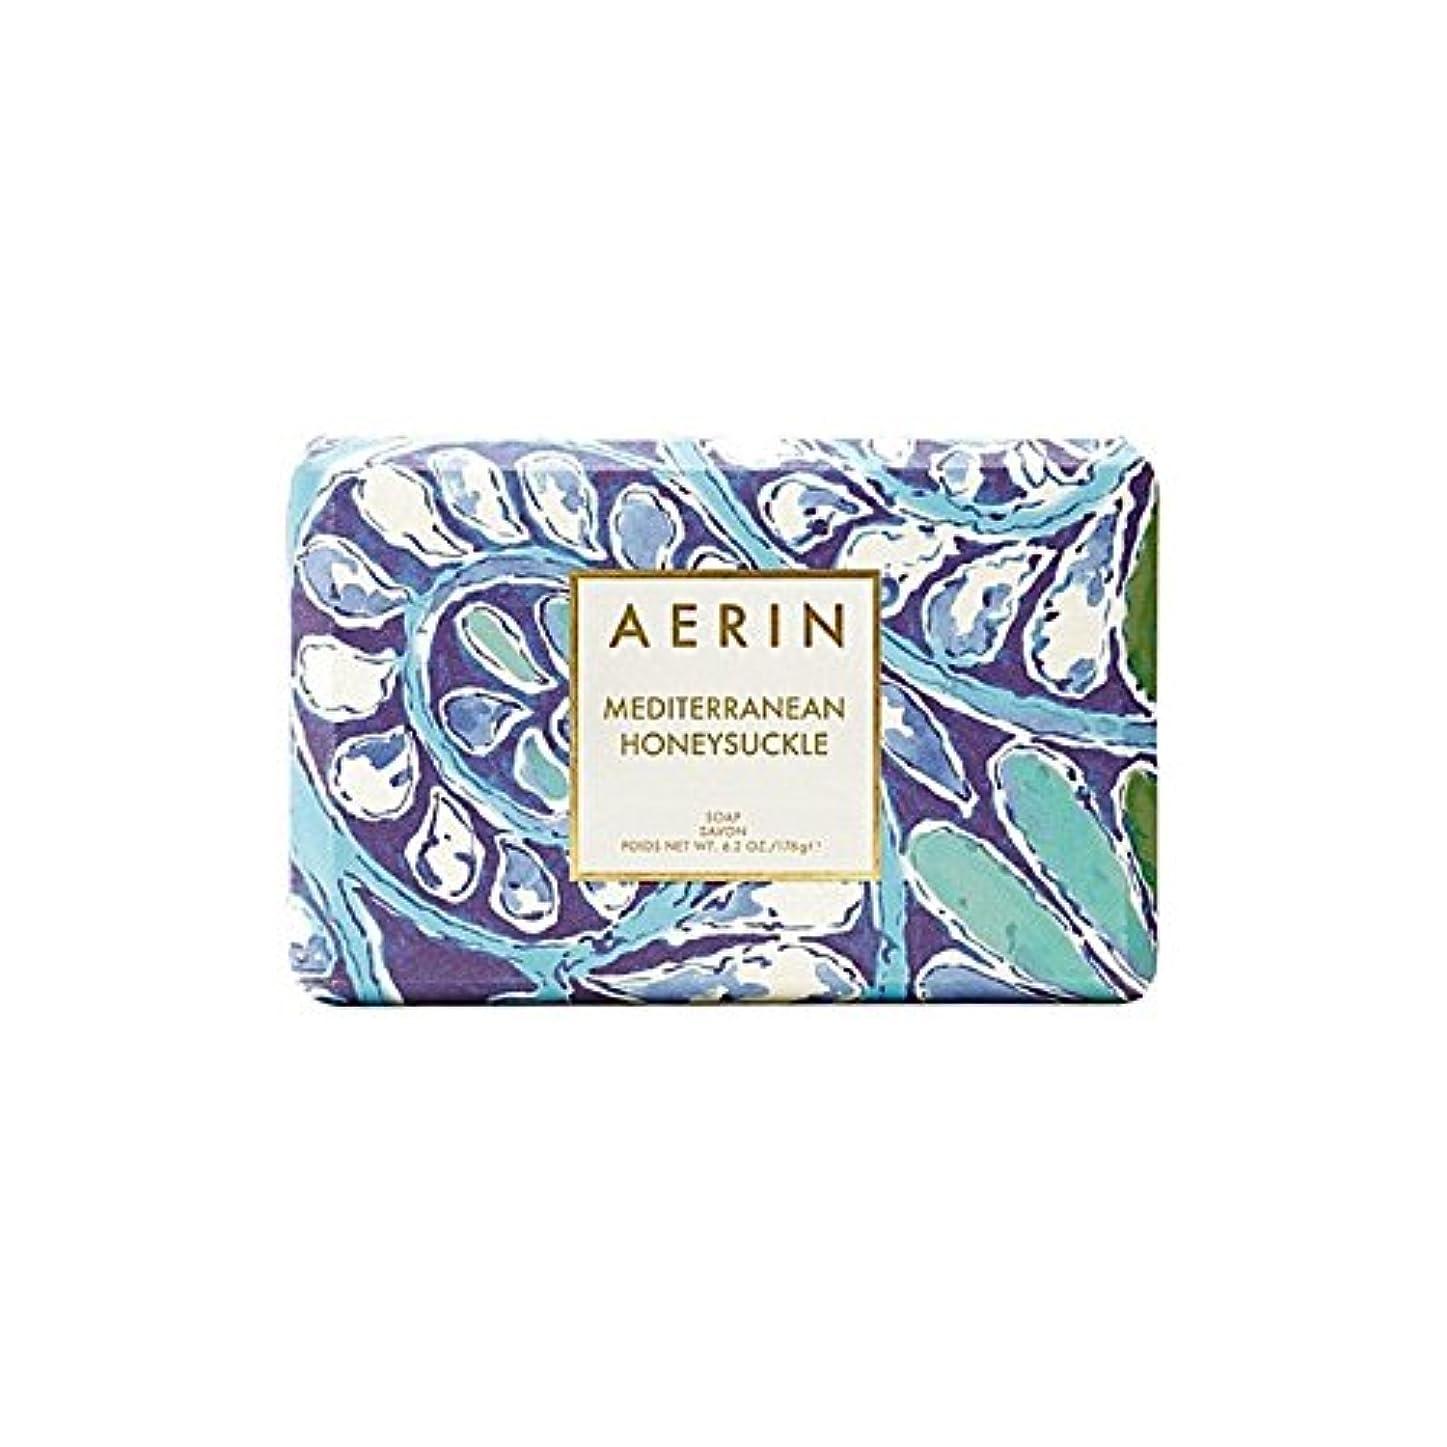 政治家のクルー広がりスイカズラ固形石鹸176グラム x4 - Aerin Mediterrenean Honeysuckle Bar Soap 176G (Pack of 4) [並行輸入品]